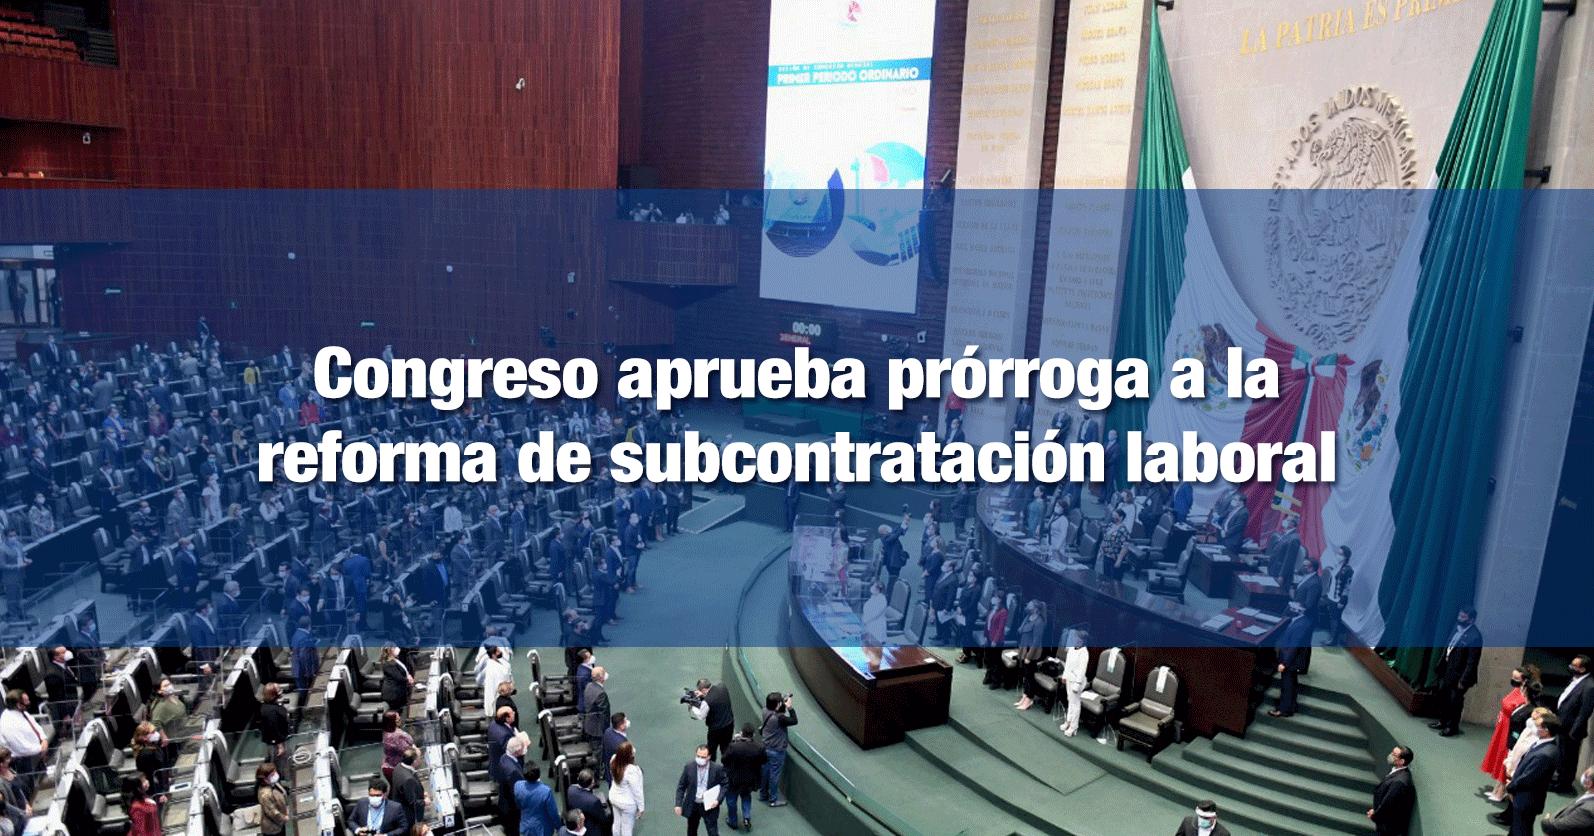 Congreso aprueba prórroga a la reforma de subcontratación laboral